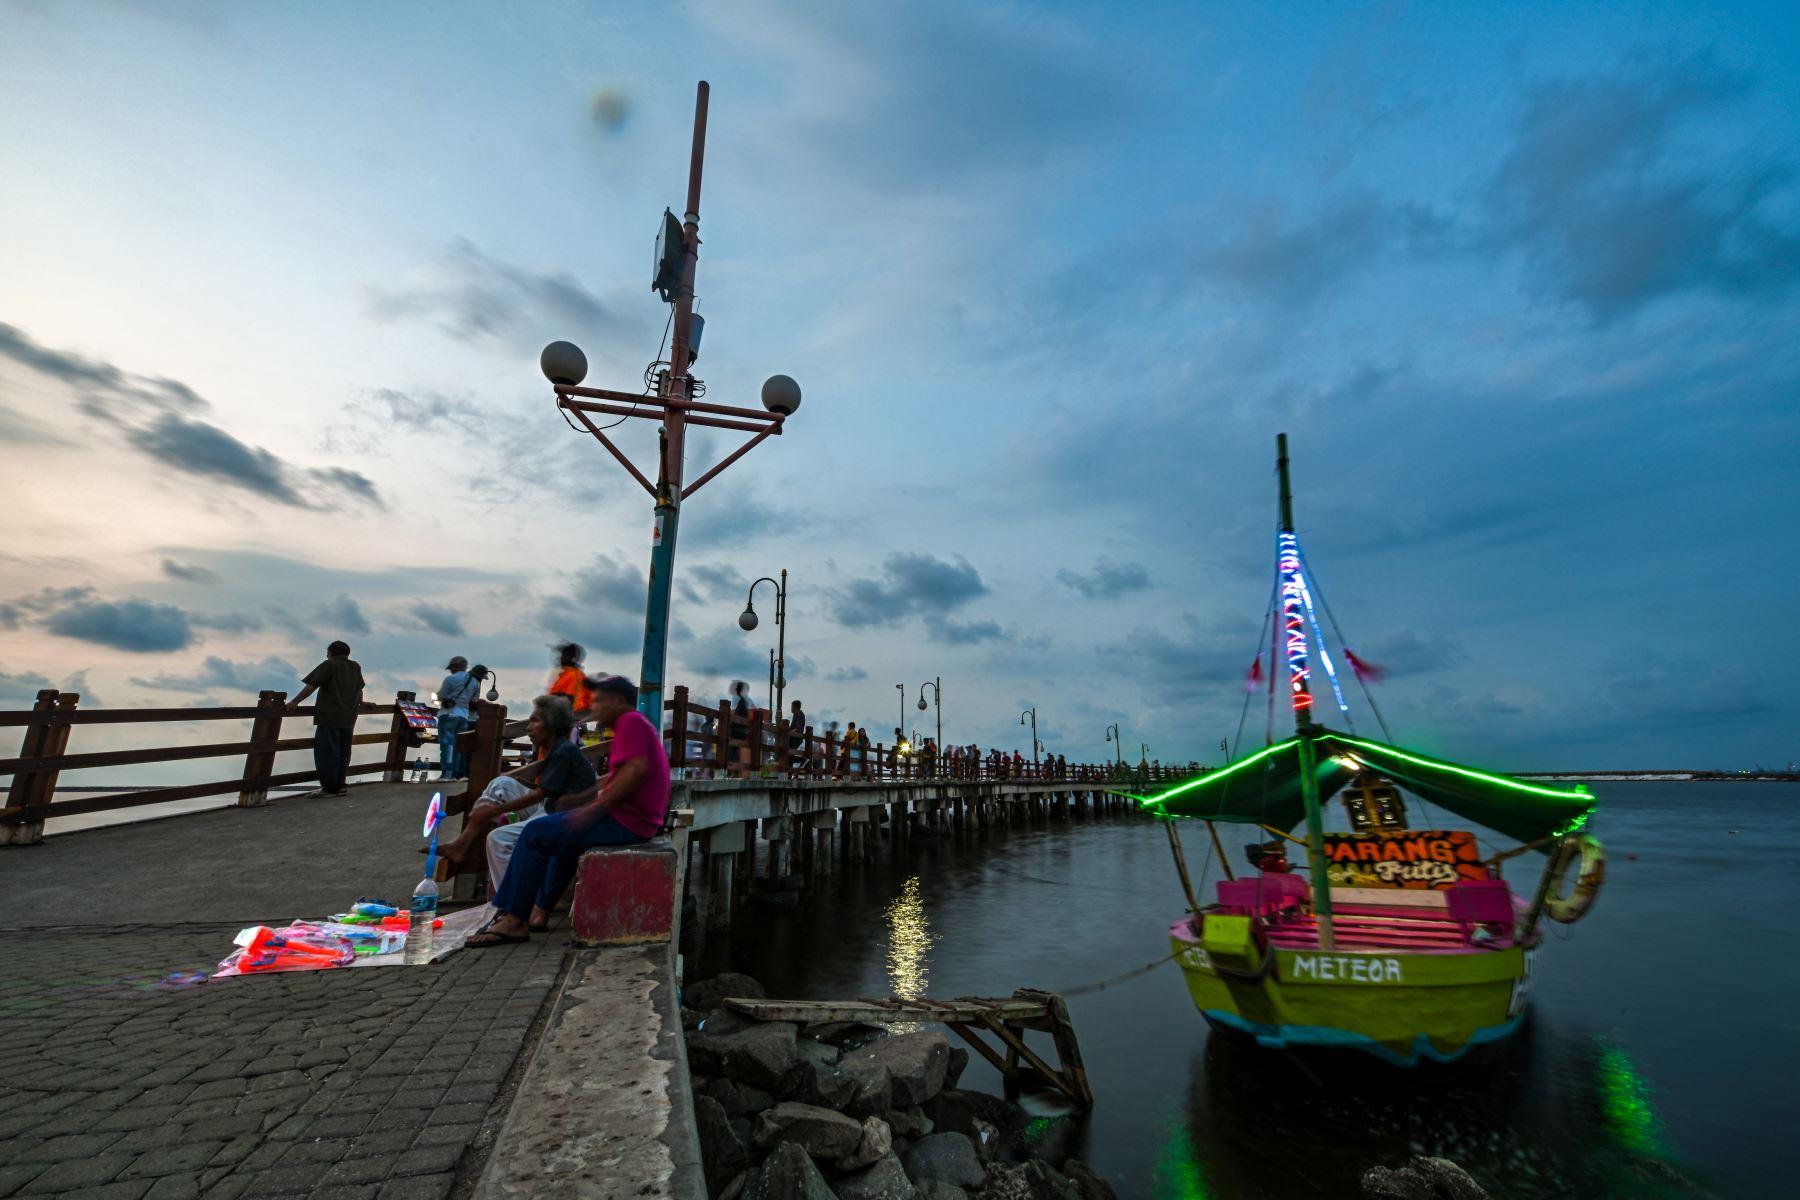 Los indonesios disfrutan de la puesta de sol en la bahía de Yakarta, un día antes del Día Mundial de los Océanos.  El Día Mundial de los Océanos es una forma de celebrar, proteger y conservar los océanos del planeta y sus recursos. Foto:AFP